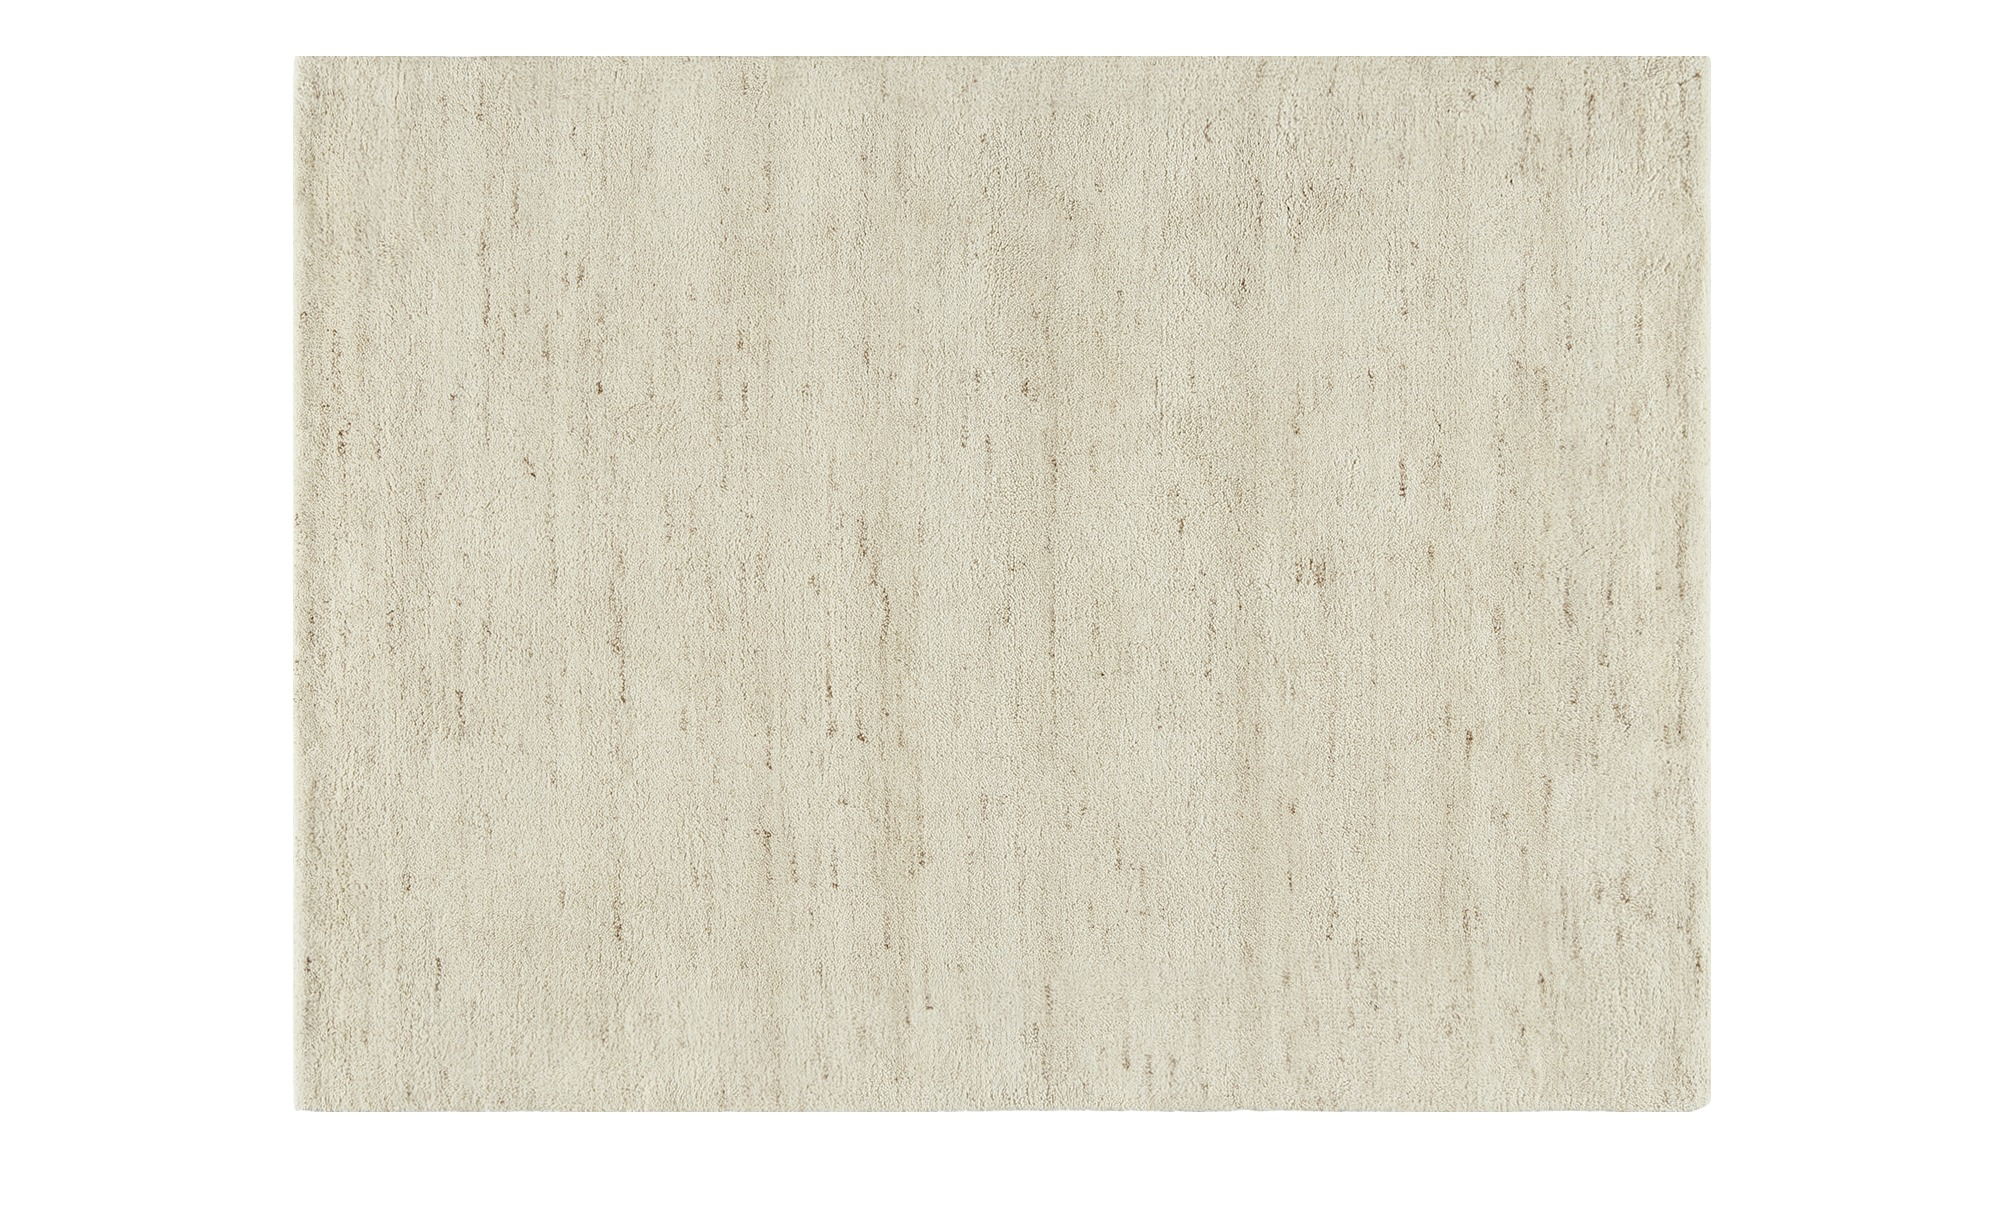 Berber-Teppich  Marrakesh double ¦ creme ¦ 100 % Wolle ¦ Maße (cm): B: 120 Teppiche > Wohnteppiche - Höffner | Heimtextilien > Teppiche > Berberteppiche | Creme | Wolle | Möbel Höffner DE